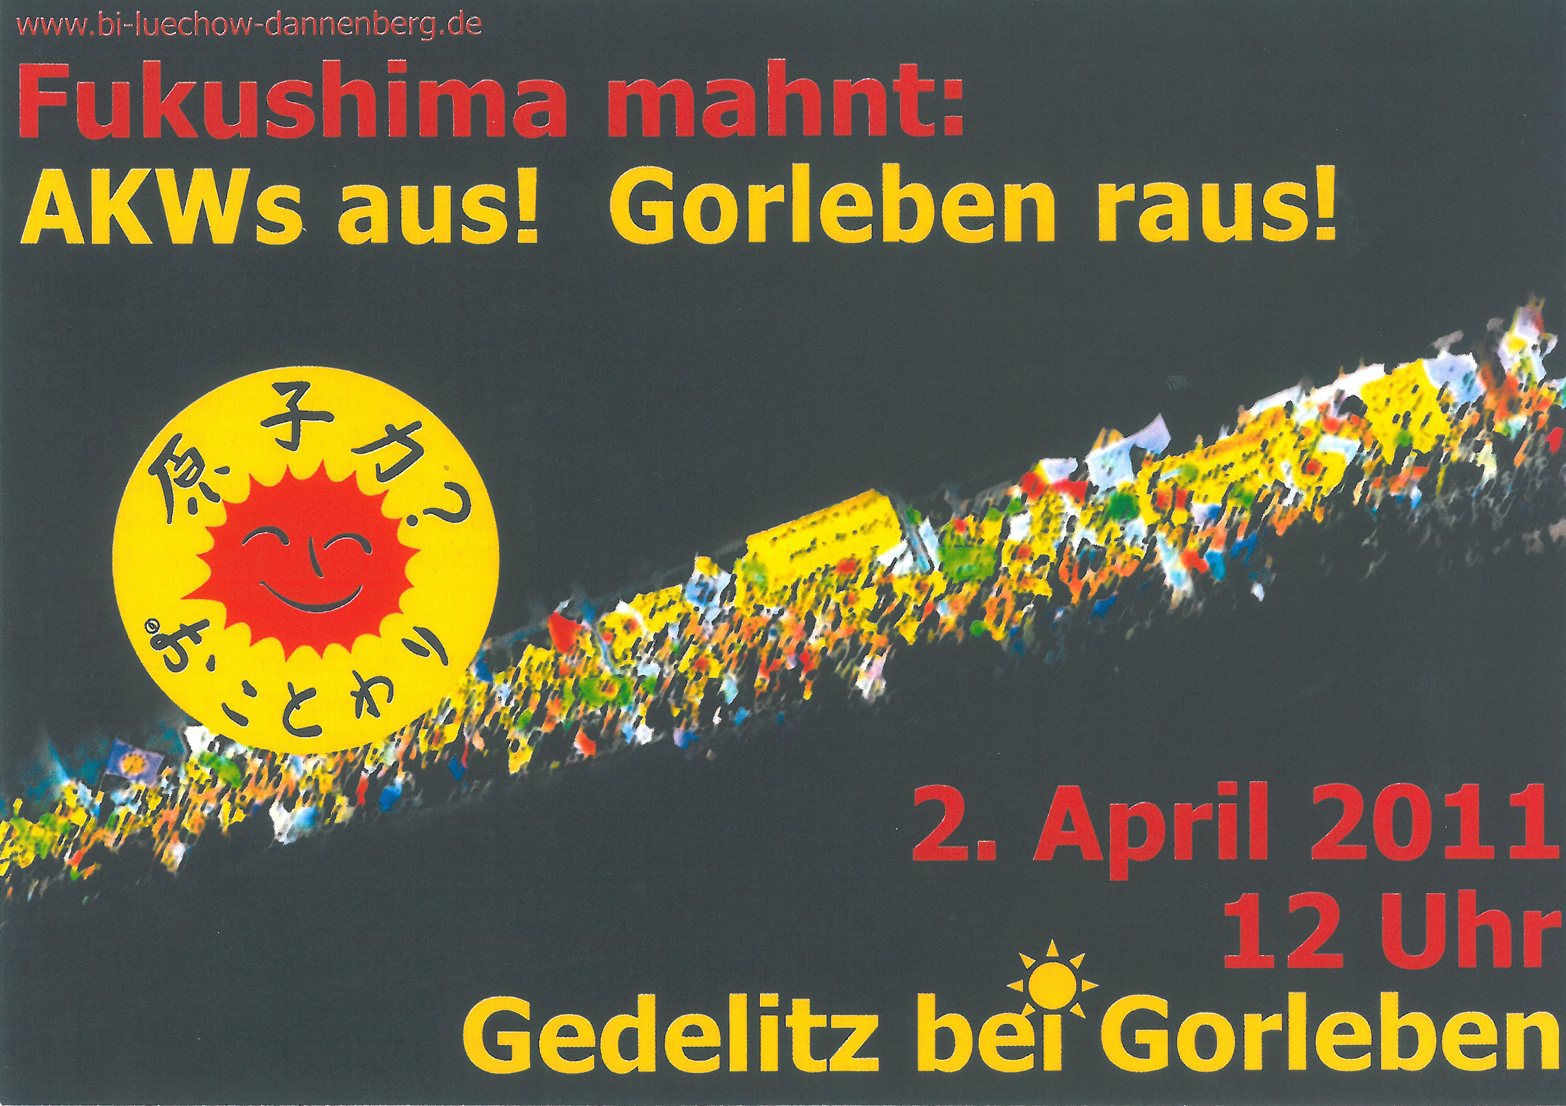 フクシマは警告する:原子力発電所はやめろ! ゴアレーベンから出て行け!